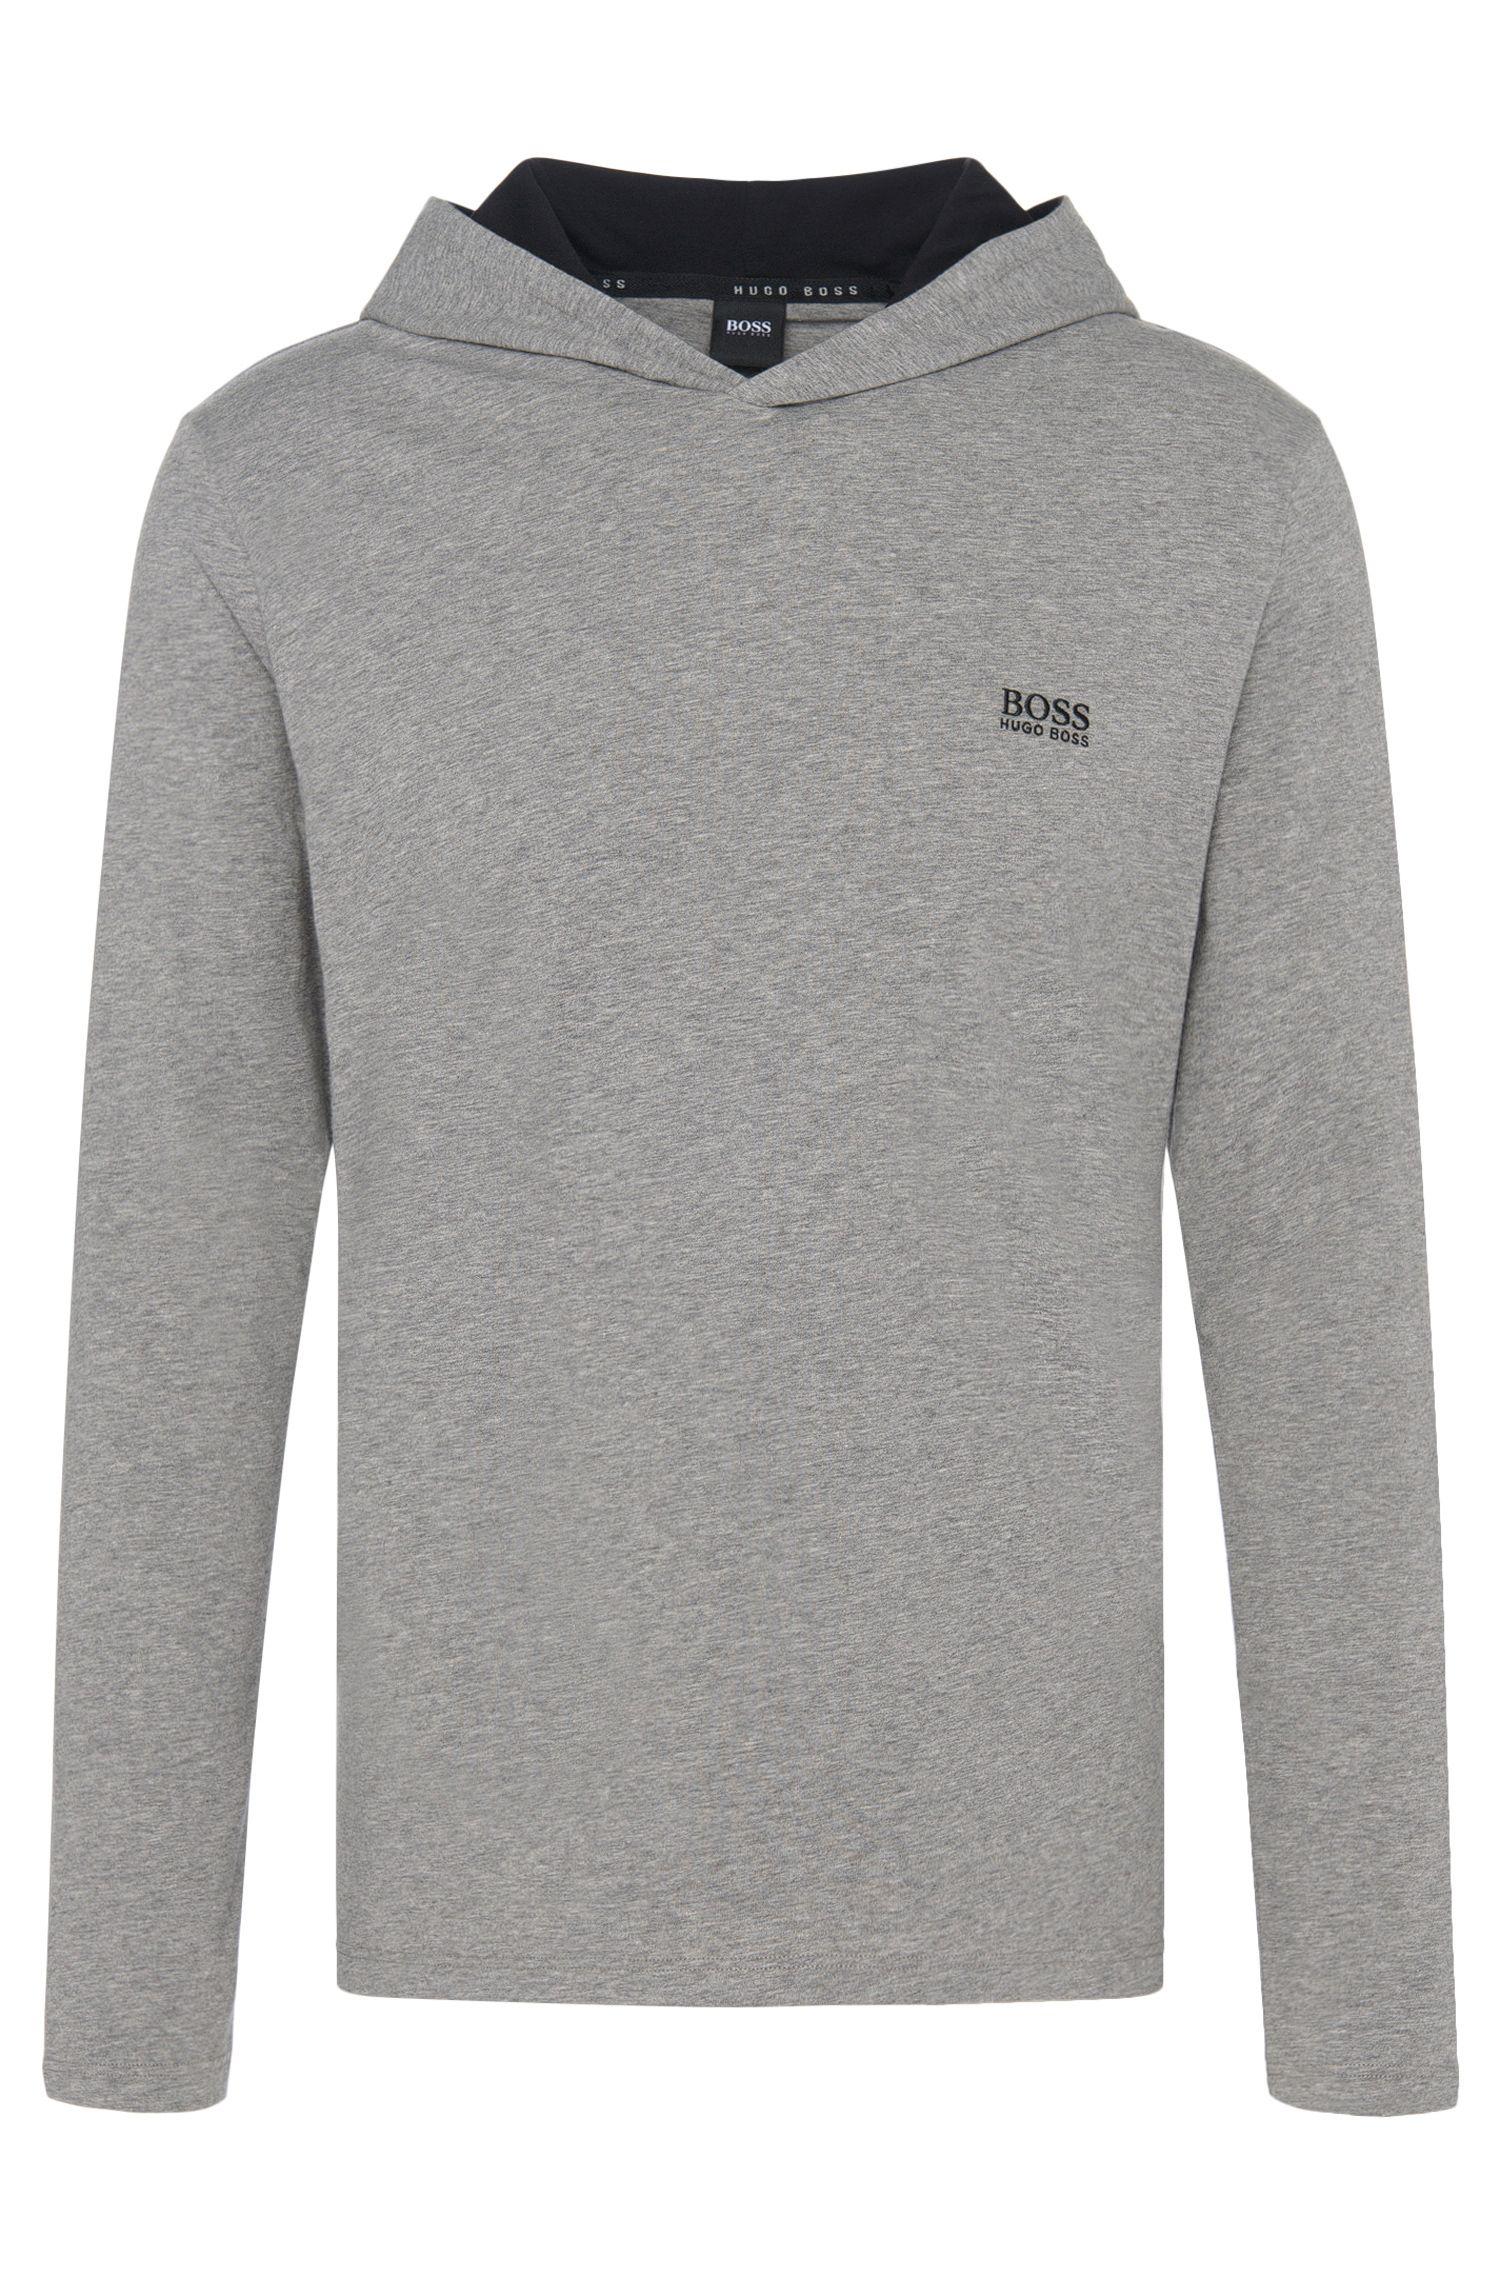 Maglia con cappuccio per il tempo libero in jersey di cotone elasticizzato